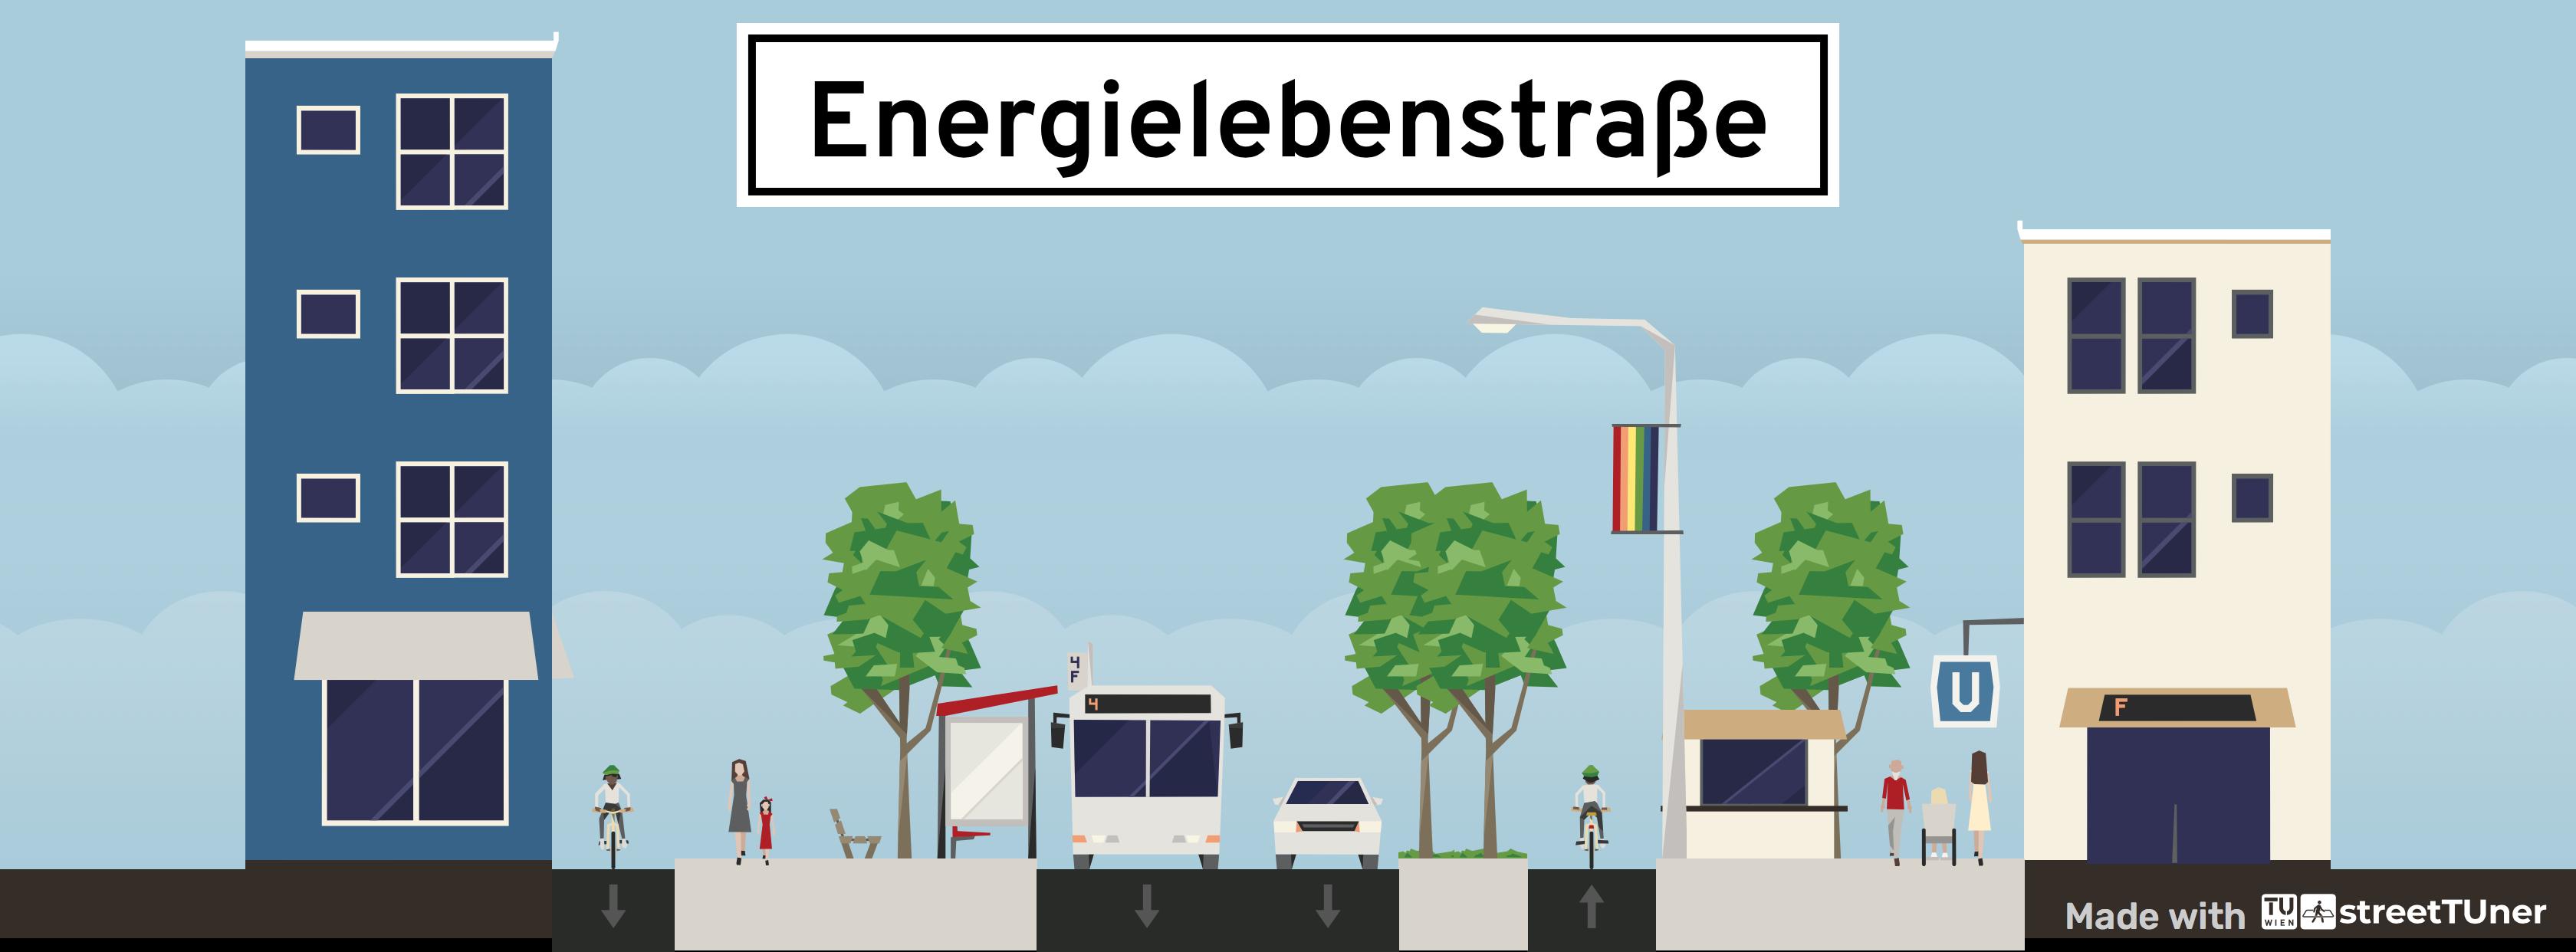 So würde unsere Straße aussehen: Viel Platz für Öffis, Radfahrende und Fußgängerinnen sowie Fußgänger. Und natürlich ganz viel Grün! Fotocreidt: © streetTUner